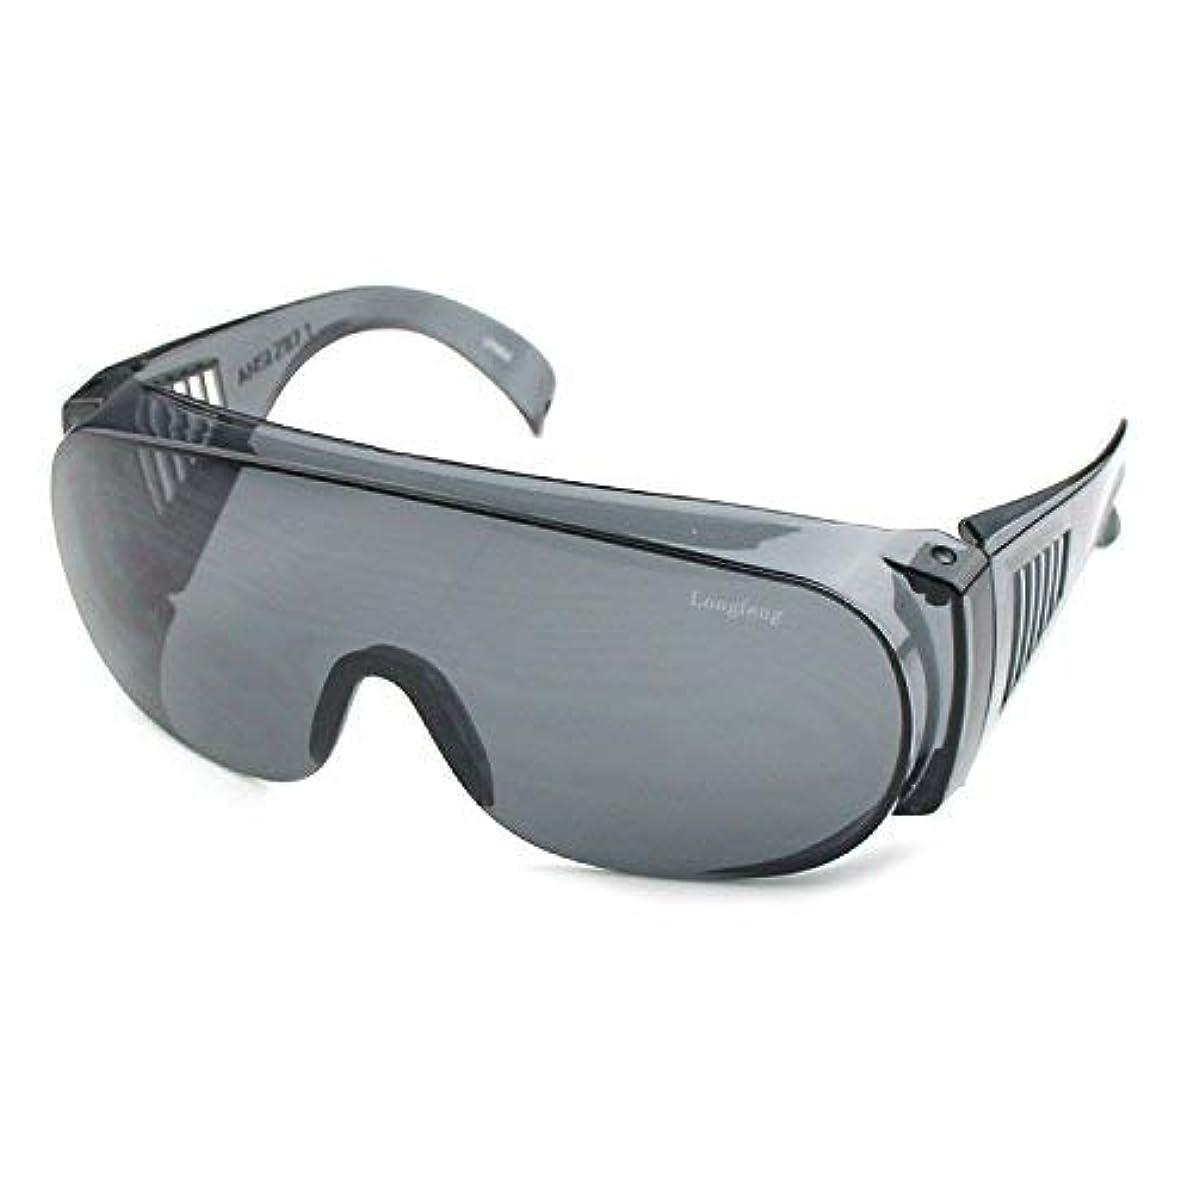 フライカイトシャトル教育学電気溶接用メガネは強い光の精神を保護するためにハンガラスの溶接工のミラーを燃やすために電気溶接ミラーを飛ばす